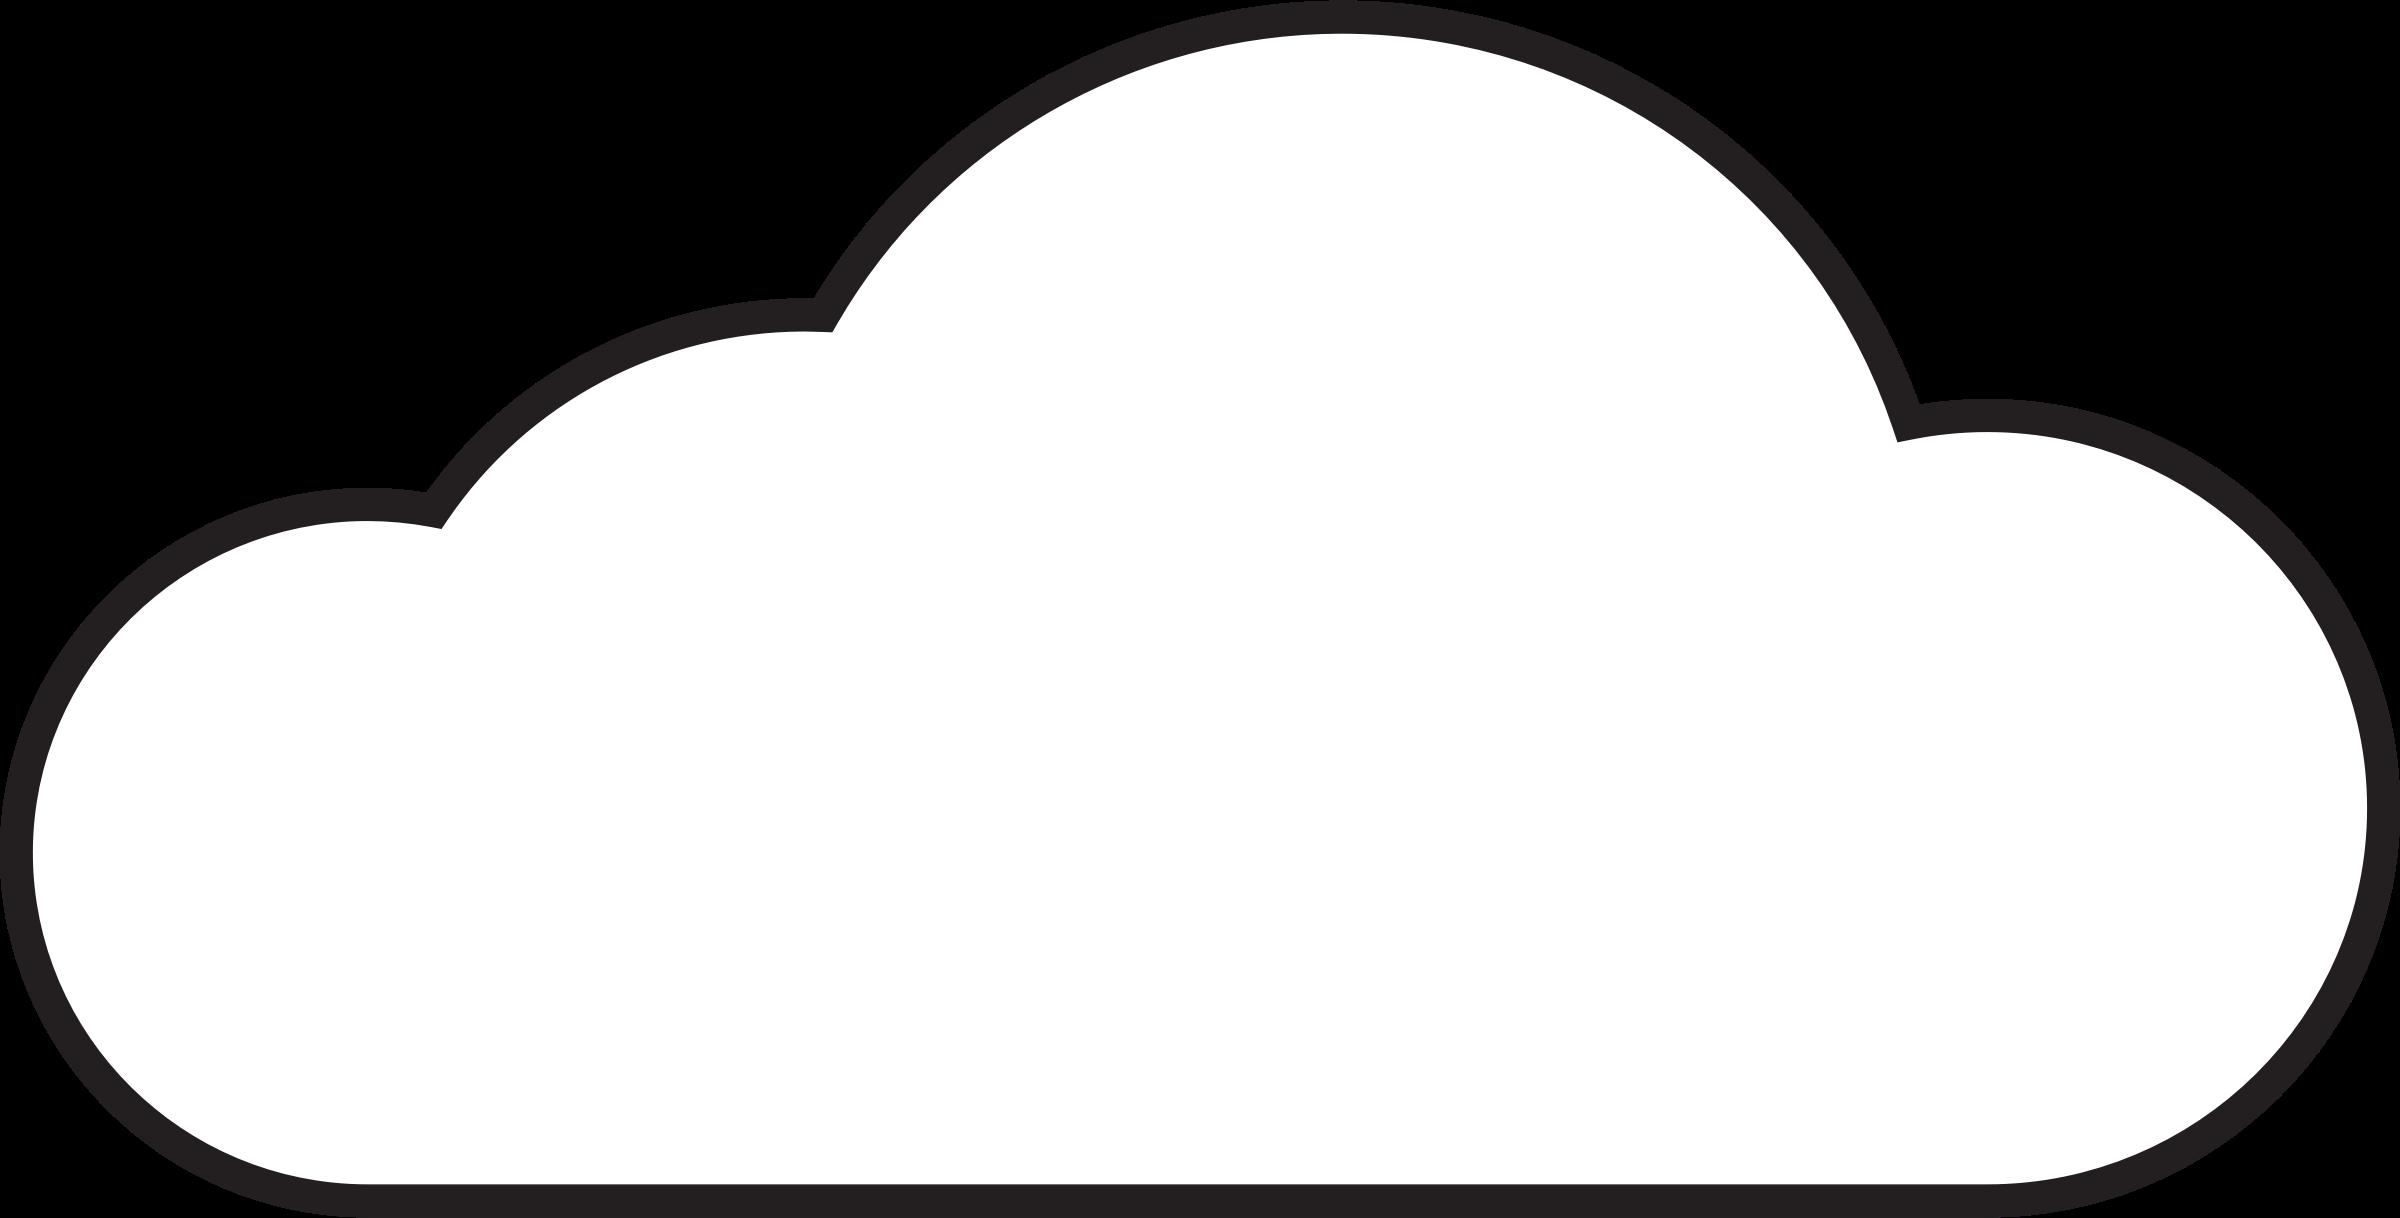 Clipart Cloud & Cloud Clip Art Images - ClipartALL.com clip free download